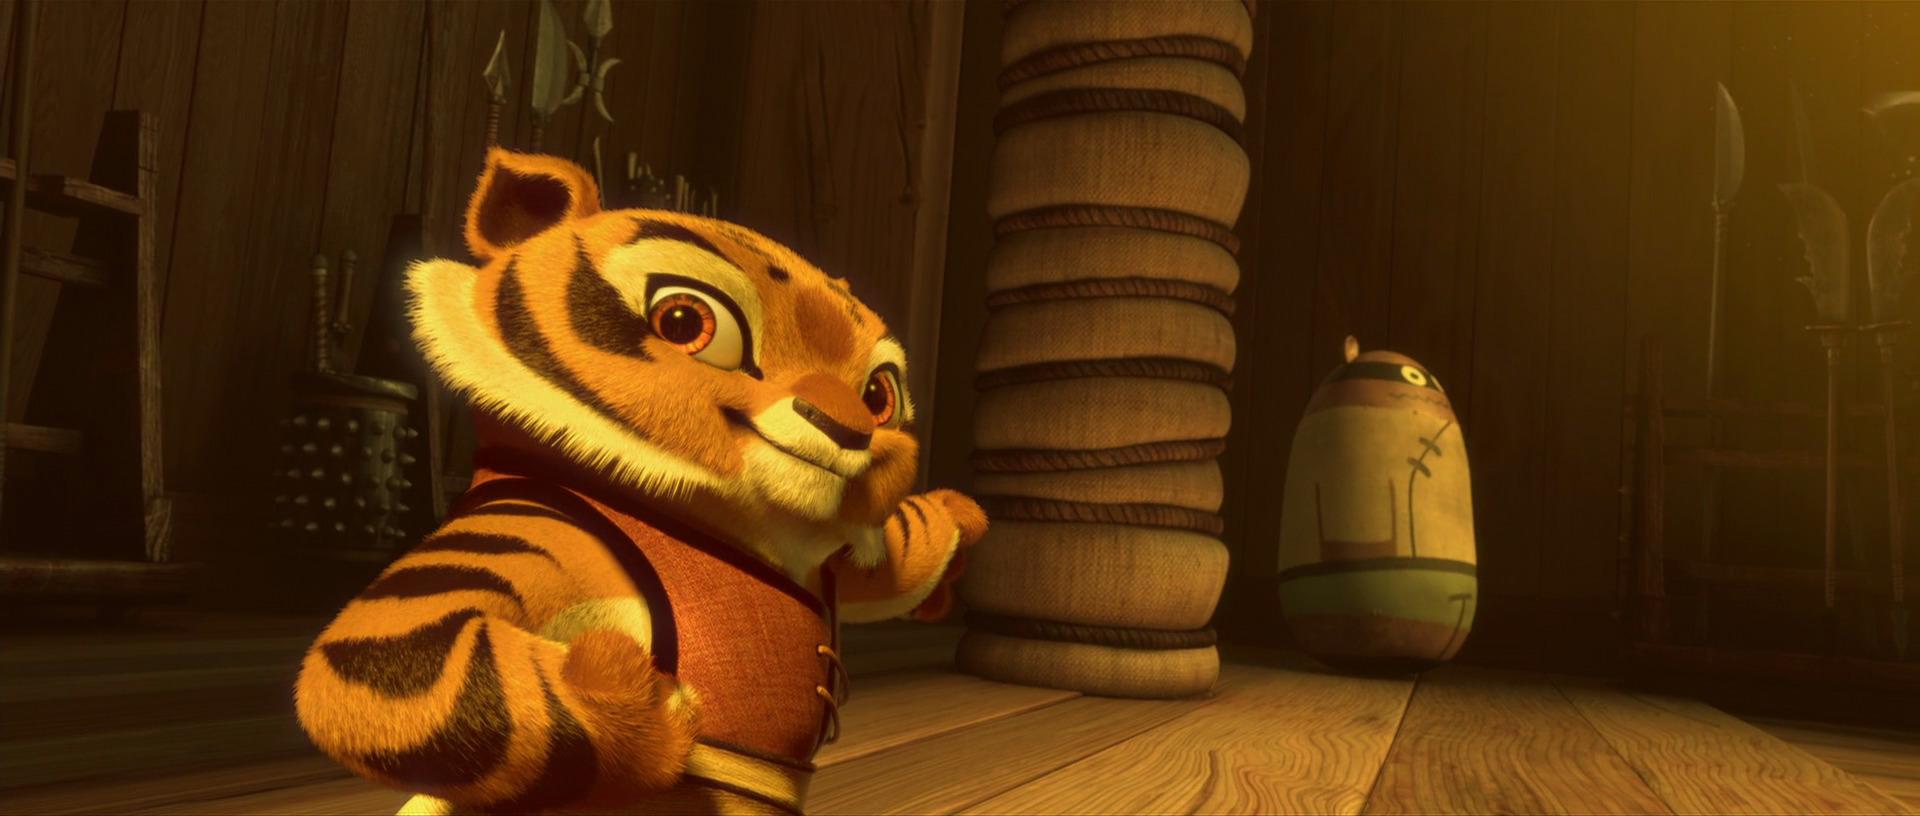 image - tigress-cub | kung fu panda wiki | fandom poweredwikia